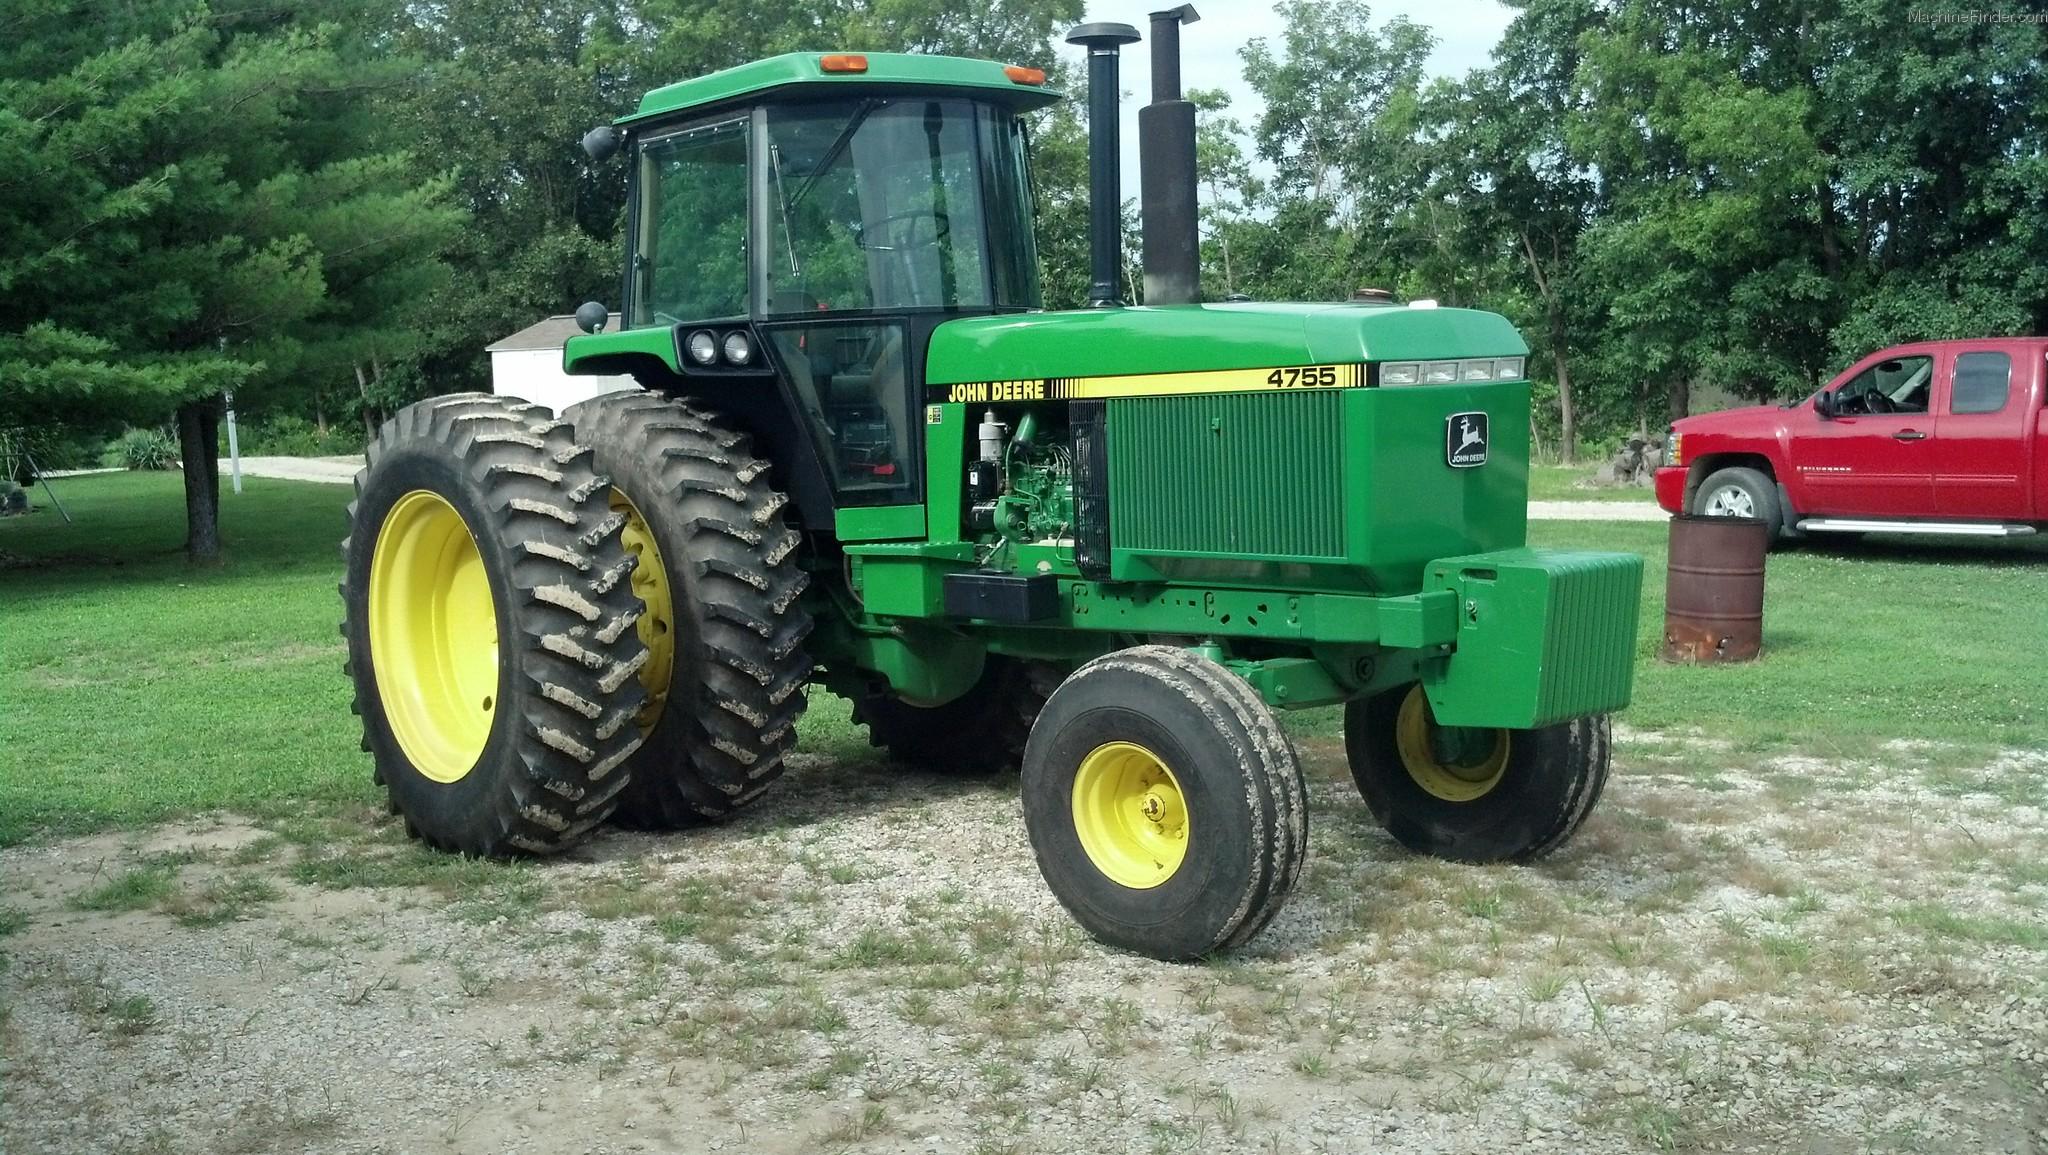 1990 John Deere 4755 Tractors - Row Crop (+100hp) - John ...